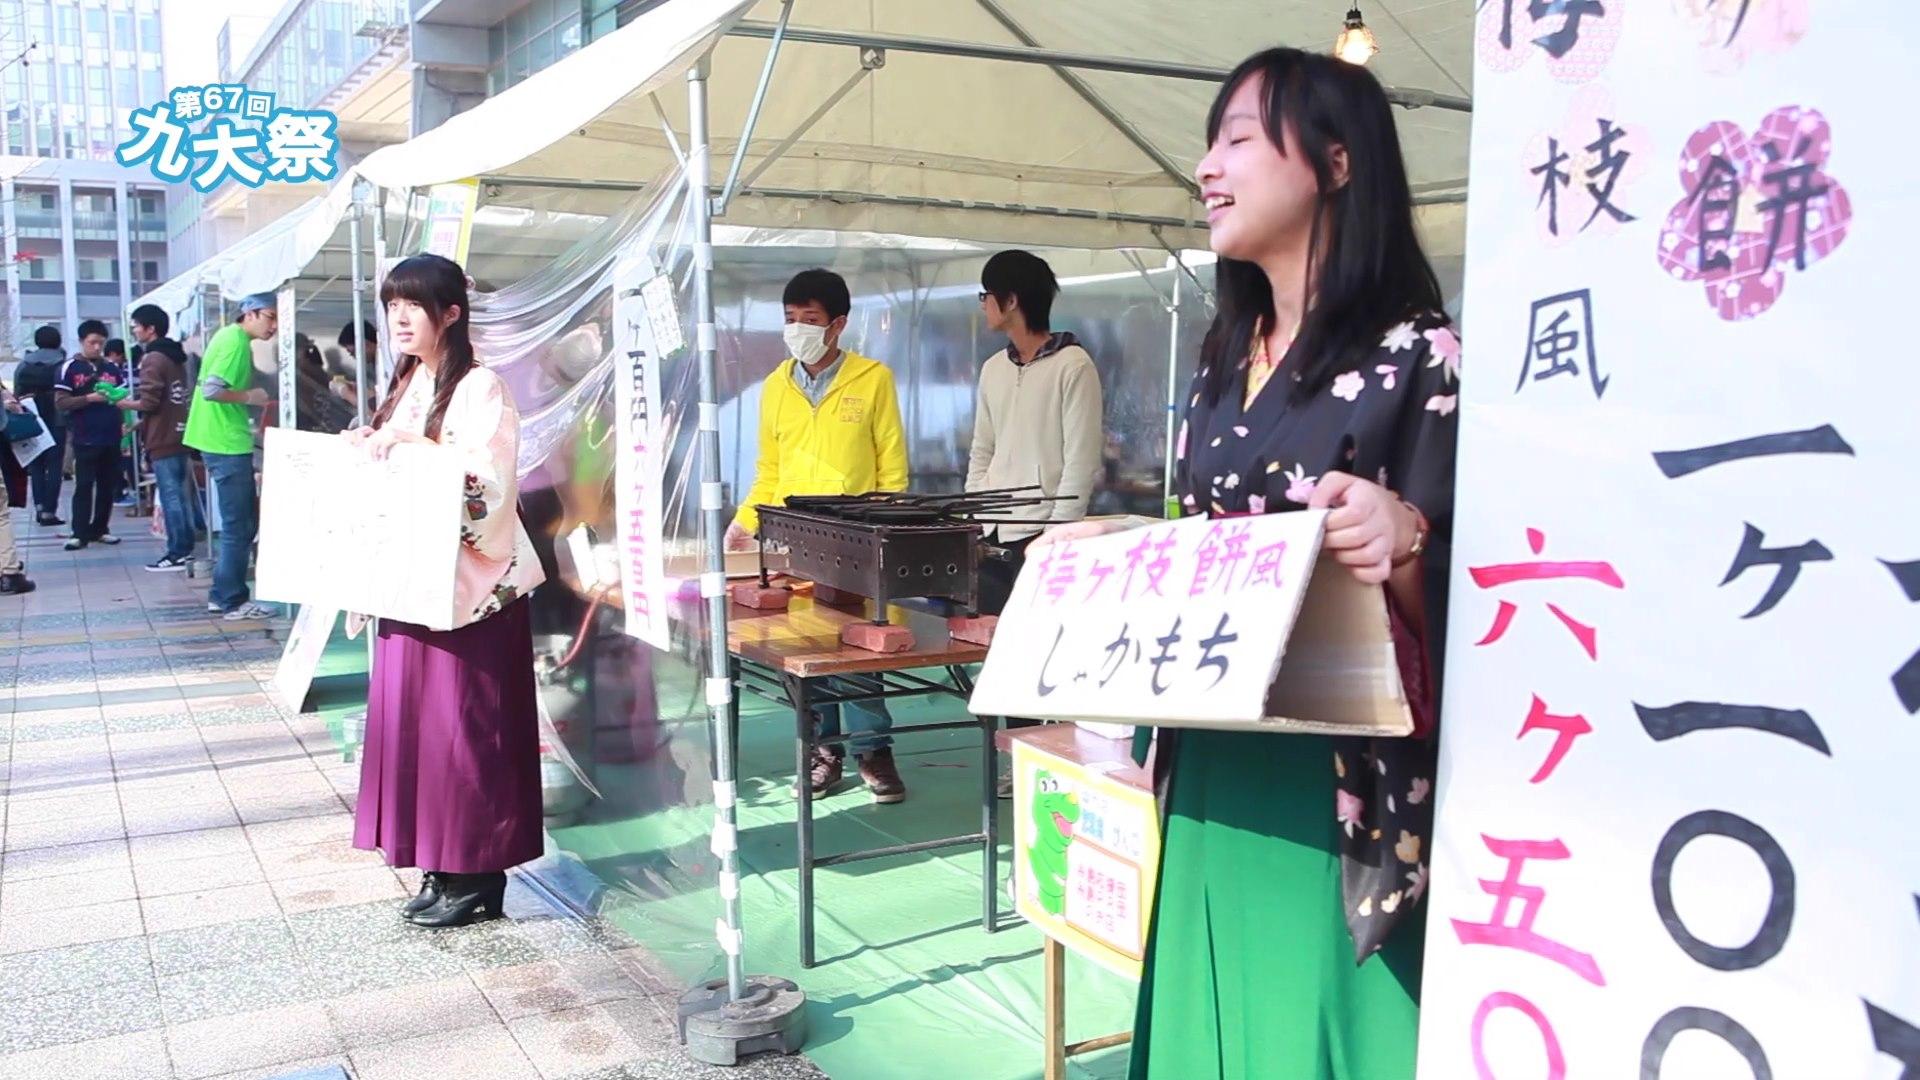 第67回 九州大学学祭.mov_000122433